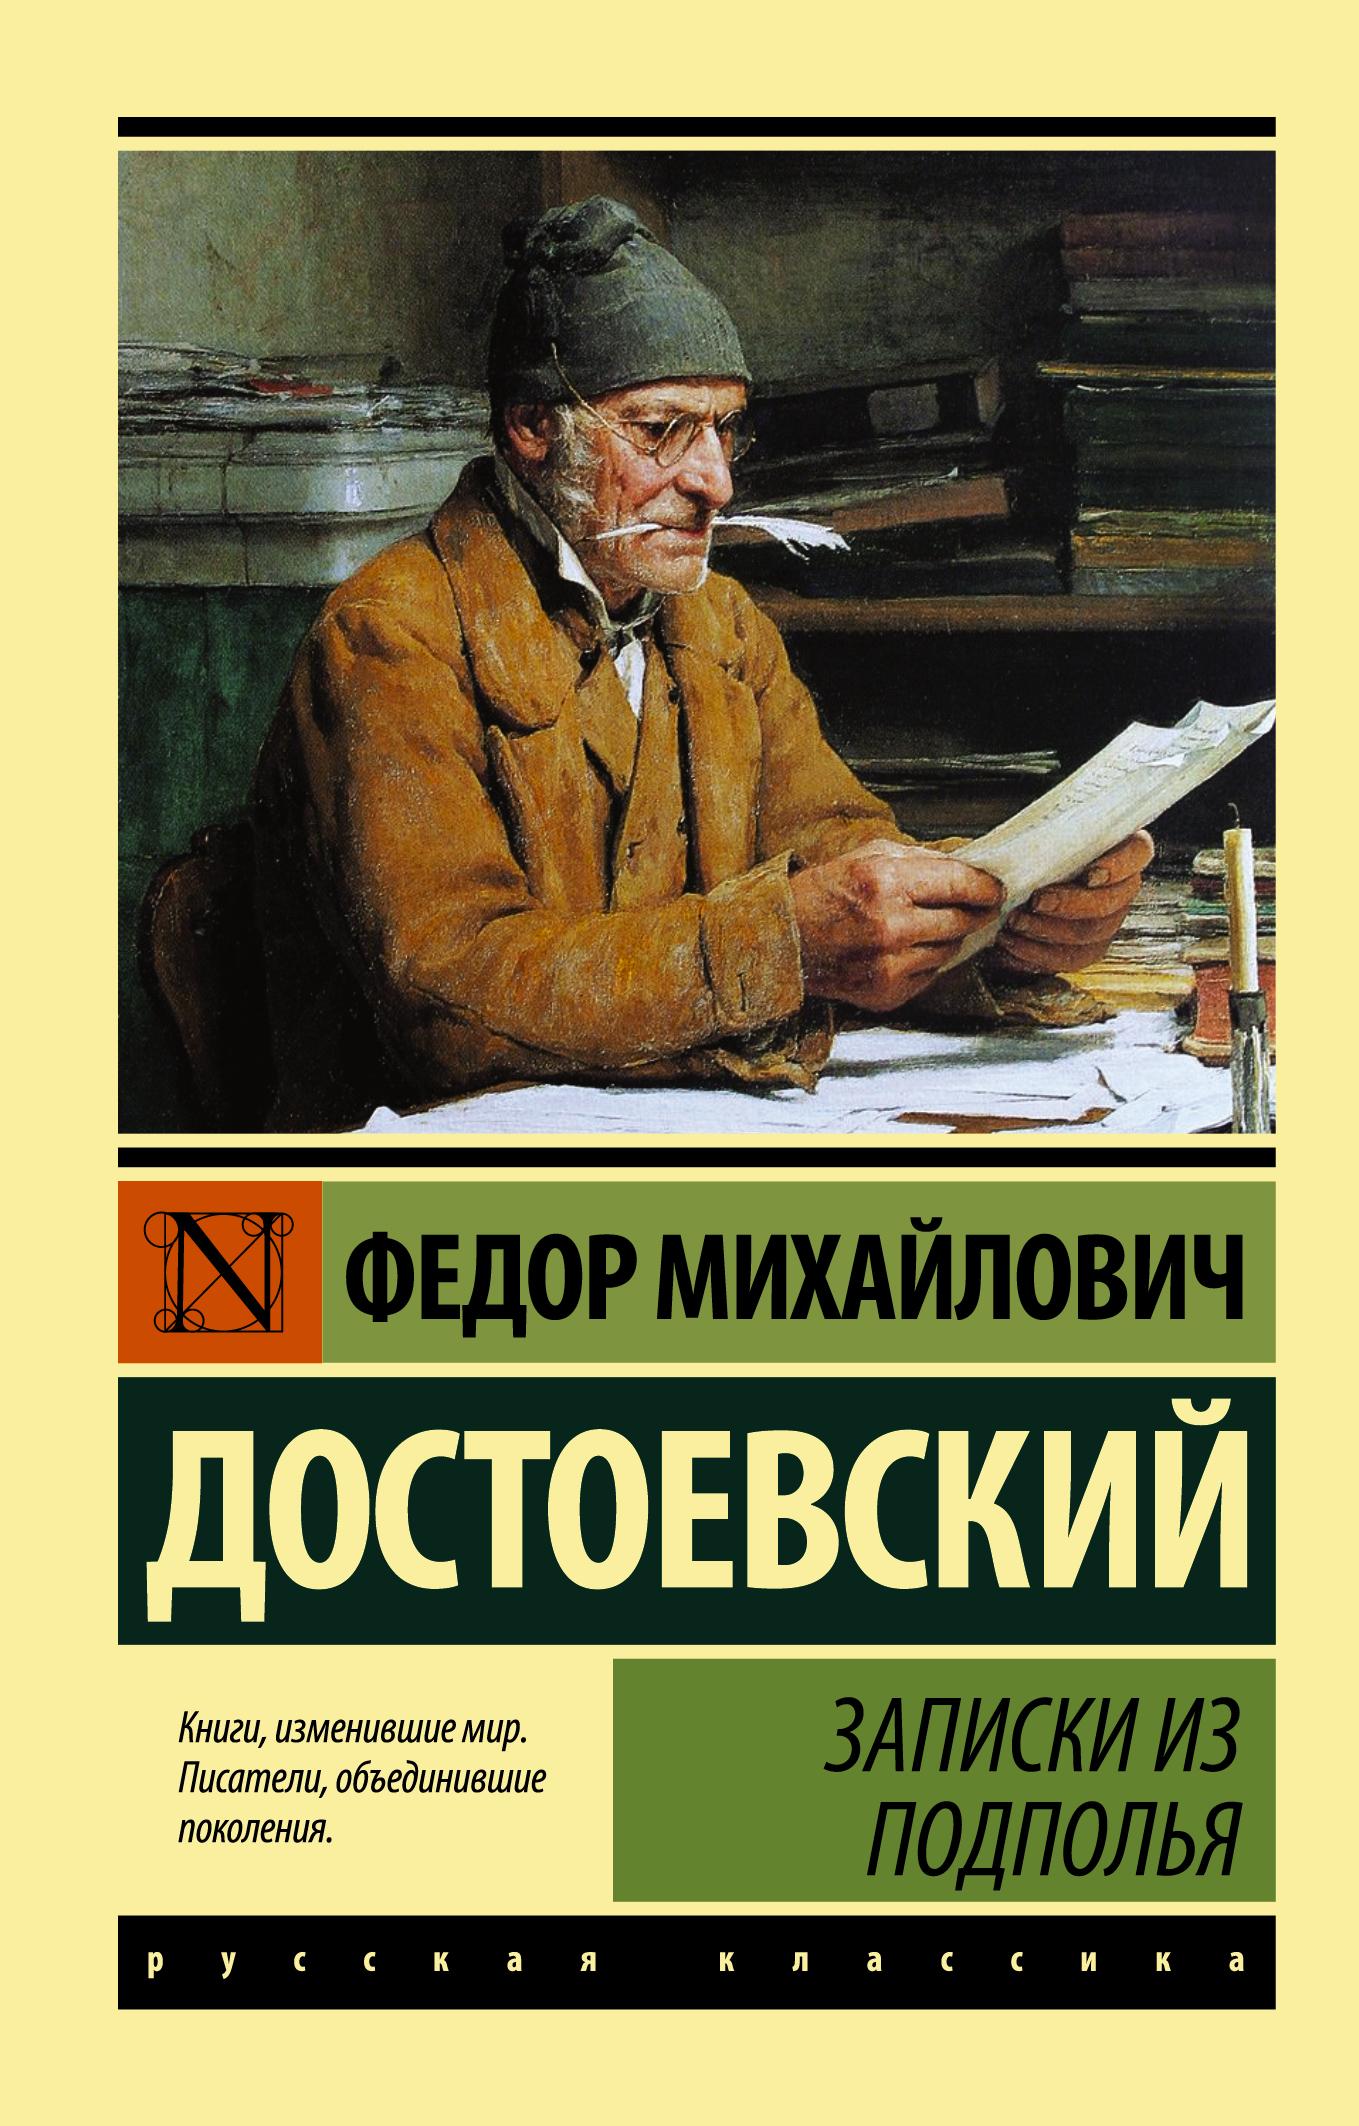 Федор Михайлович Достоевский Записки из подполья